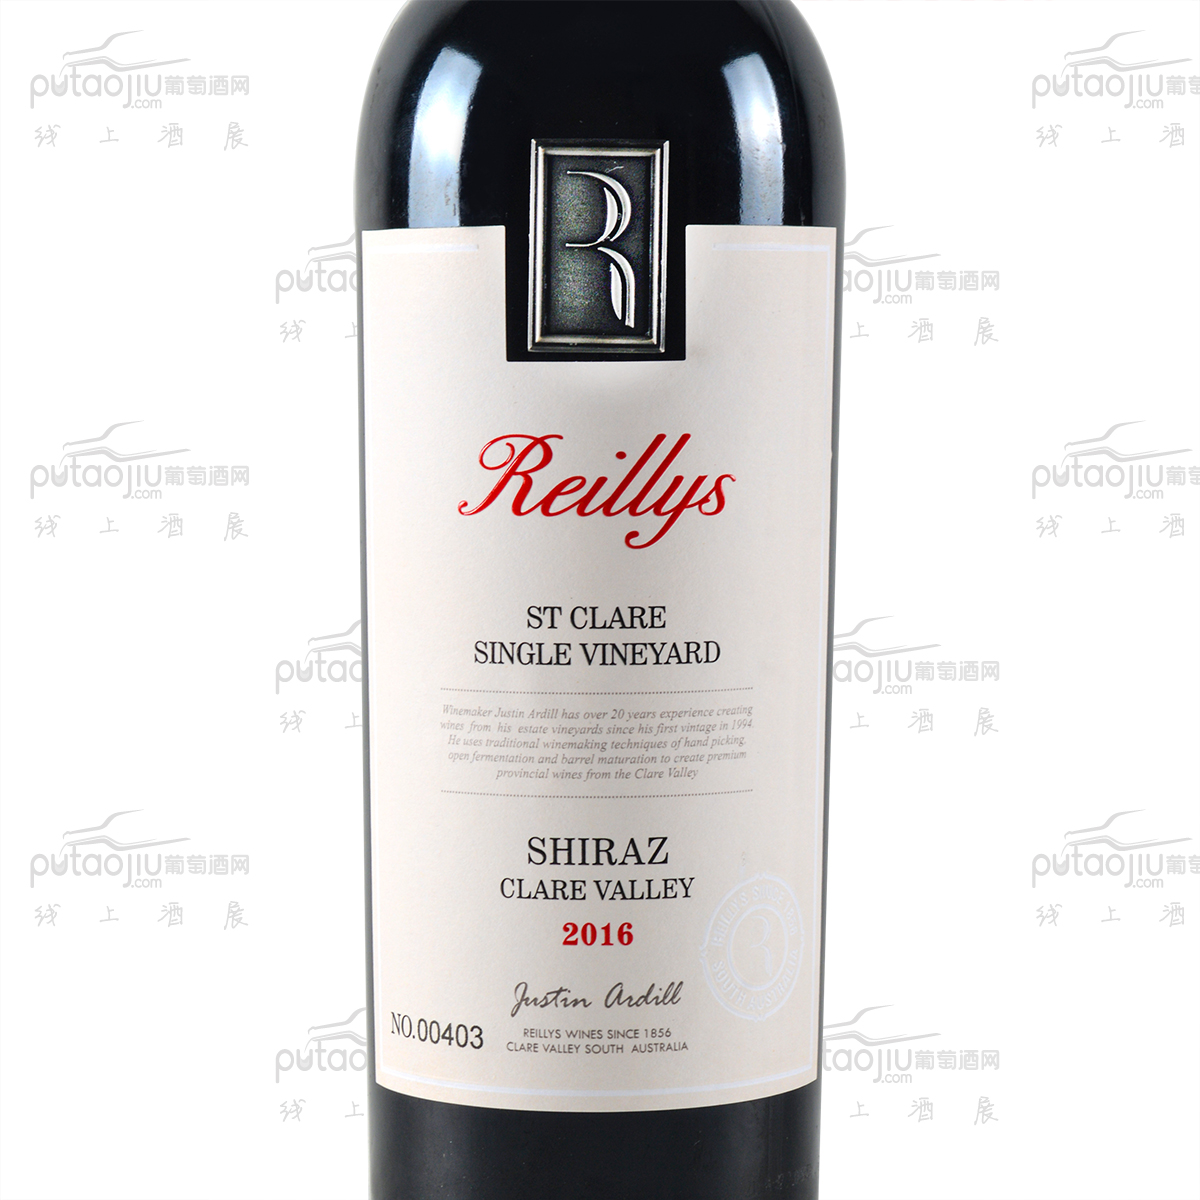 澳大利亞克萊爾谷萊利斯西拉圣克萊爾單一園干紅葡萄酒